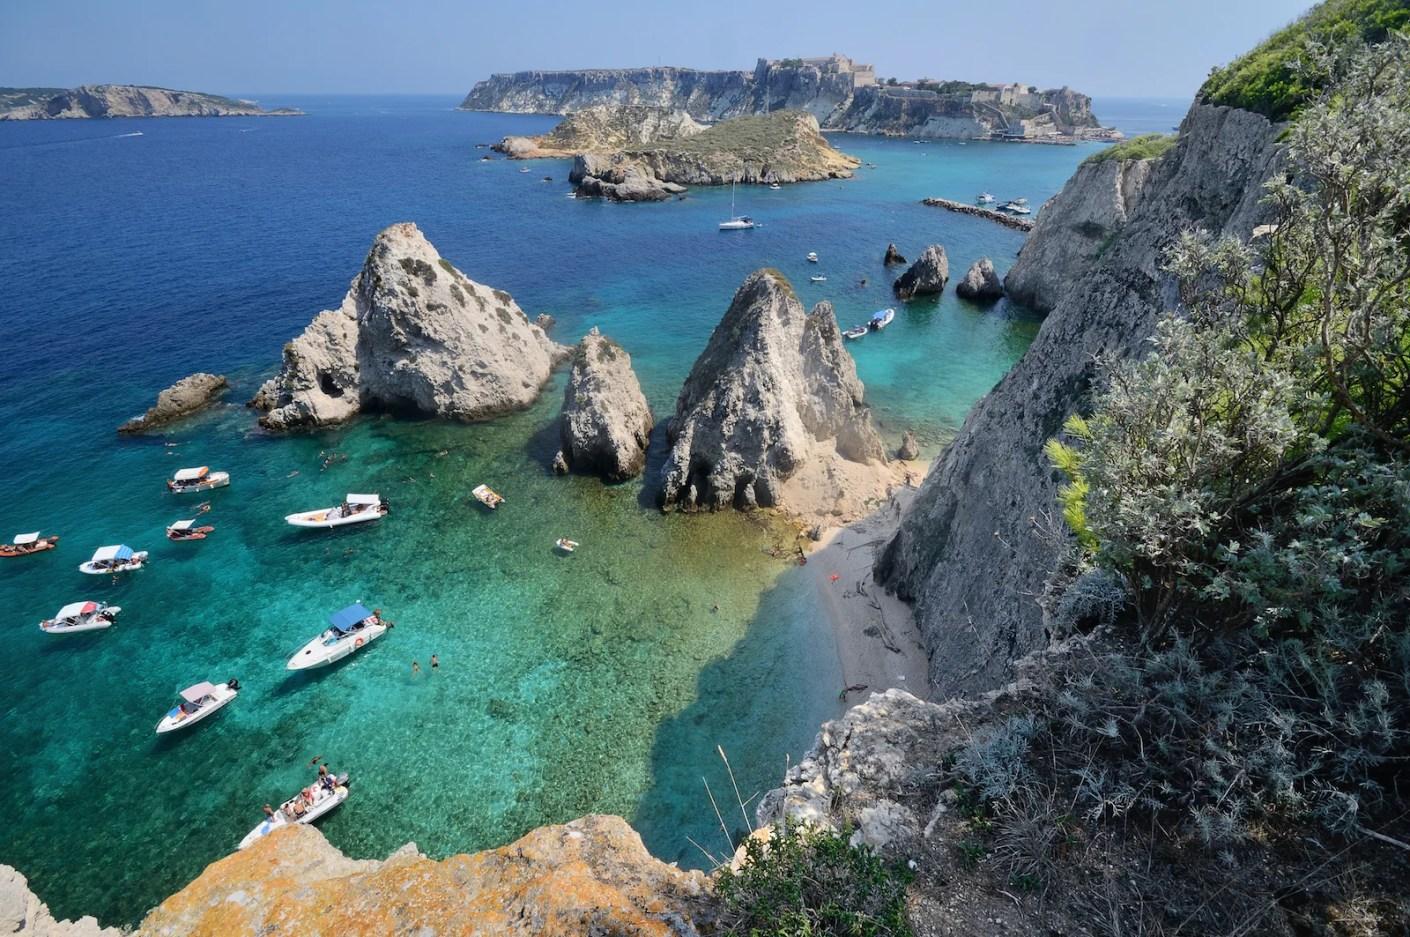 The Tremiti Archipelago, Puglia, Italy. (Photo by Barelli Paolo / Shutterstock)